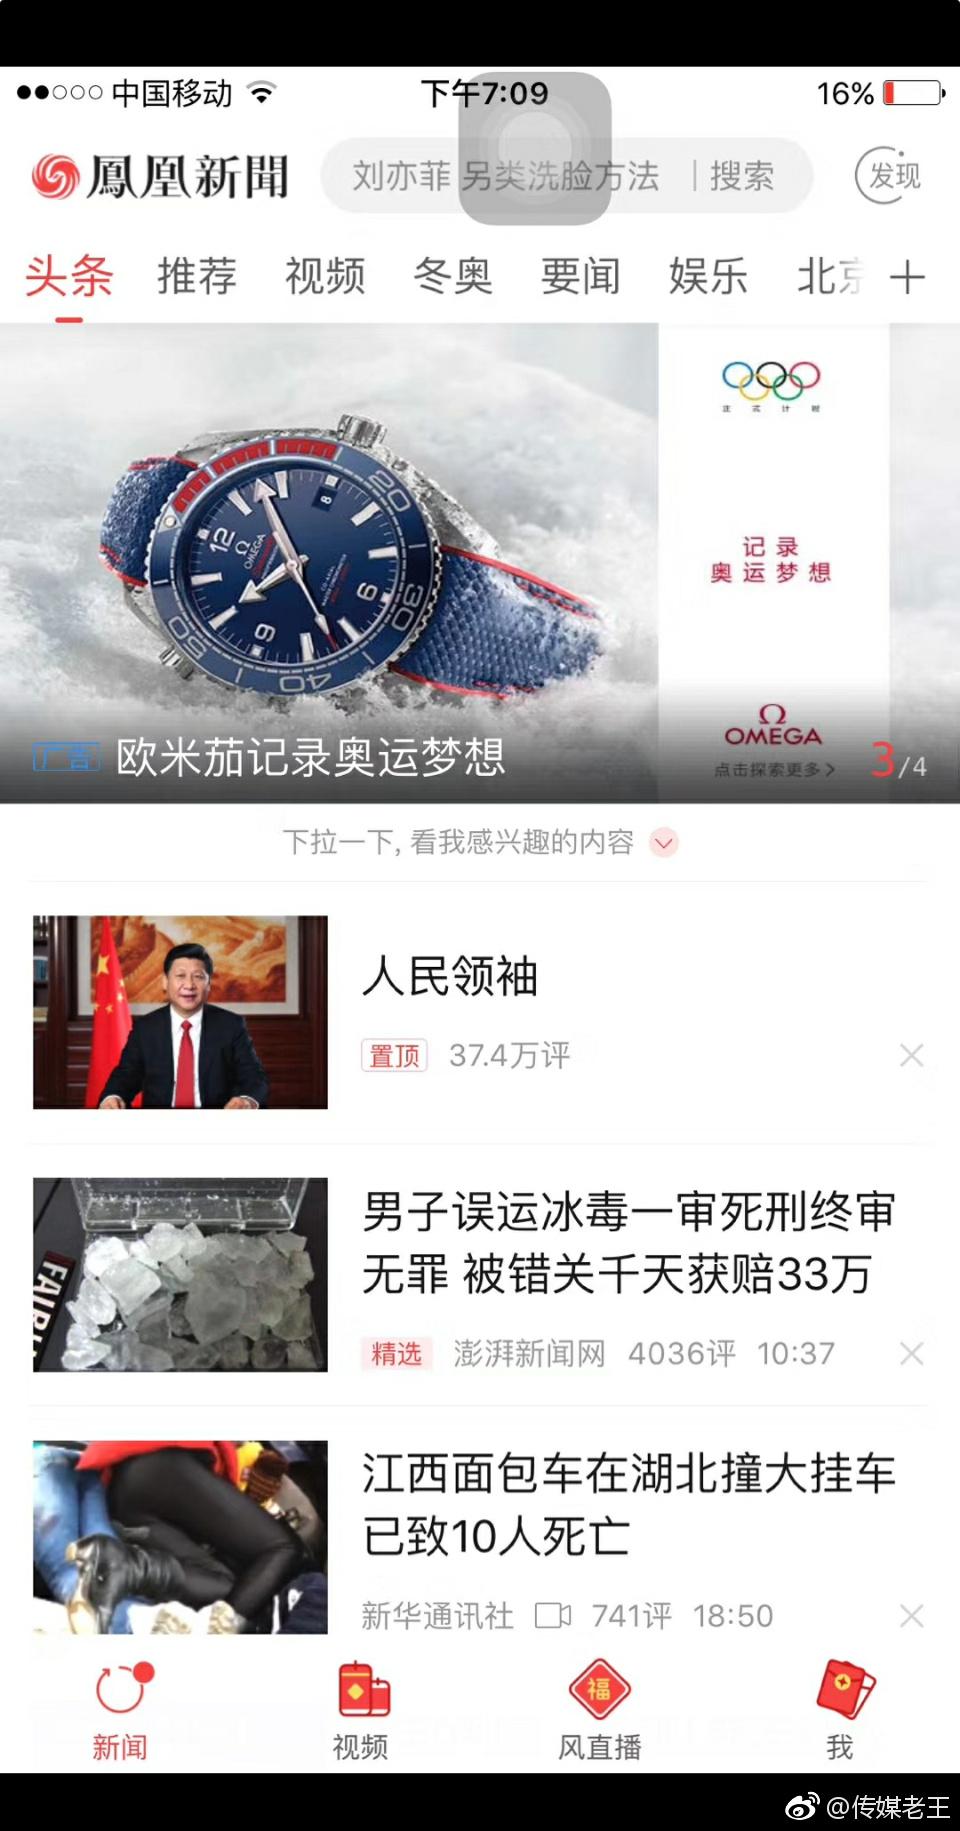 【河蟹档案】股民涌到美驻华大使馆微博下表达情绪